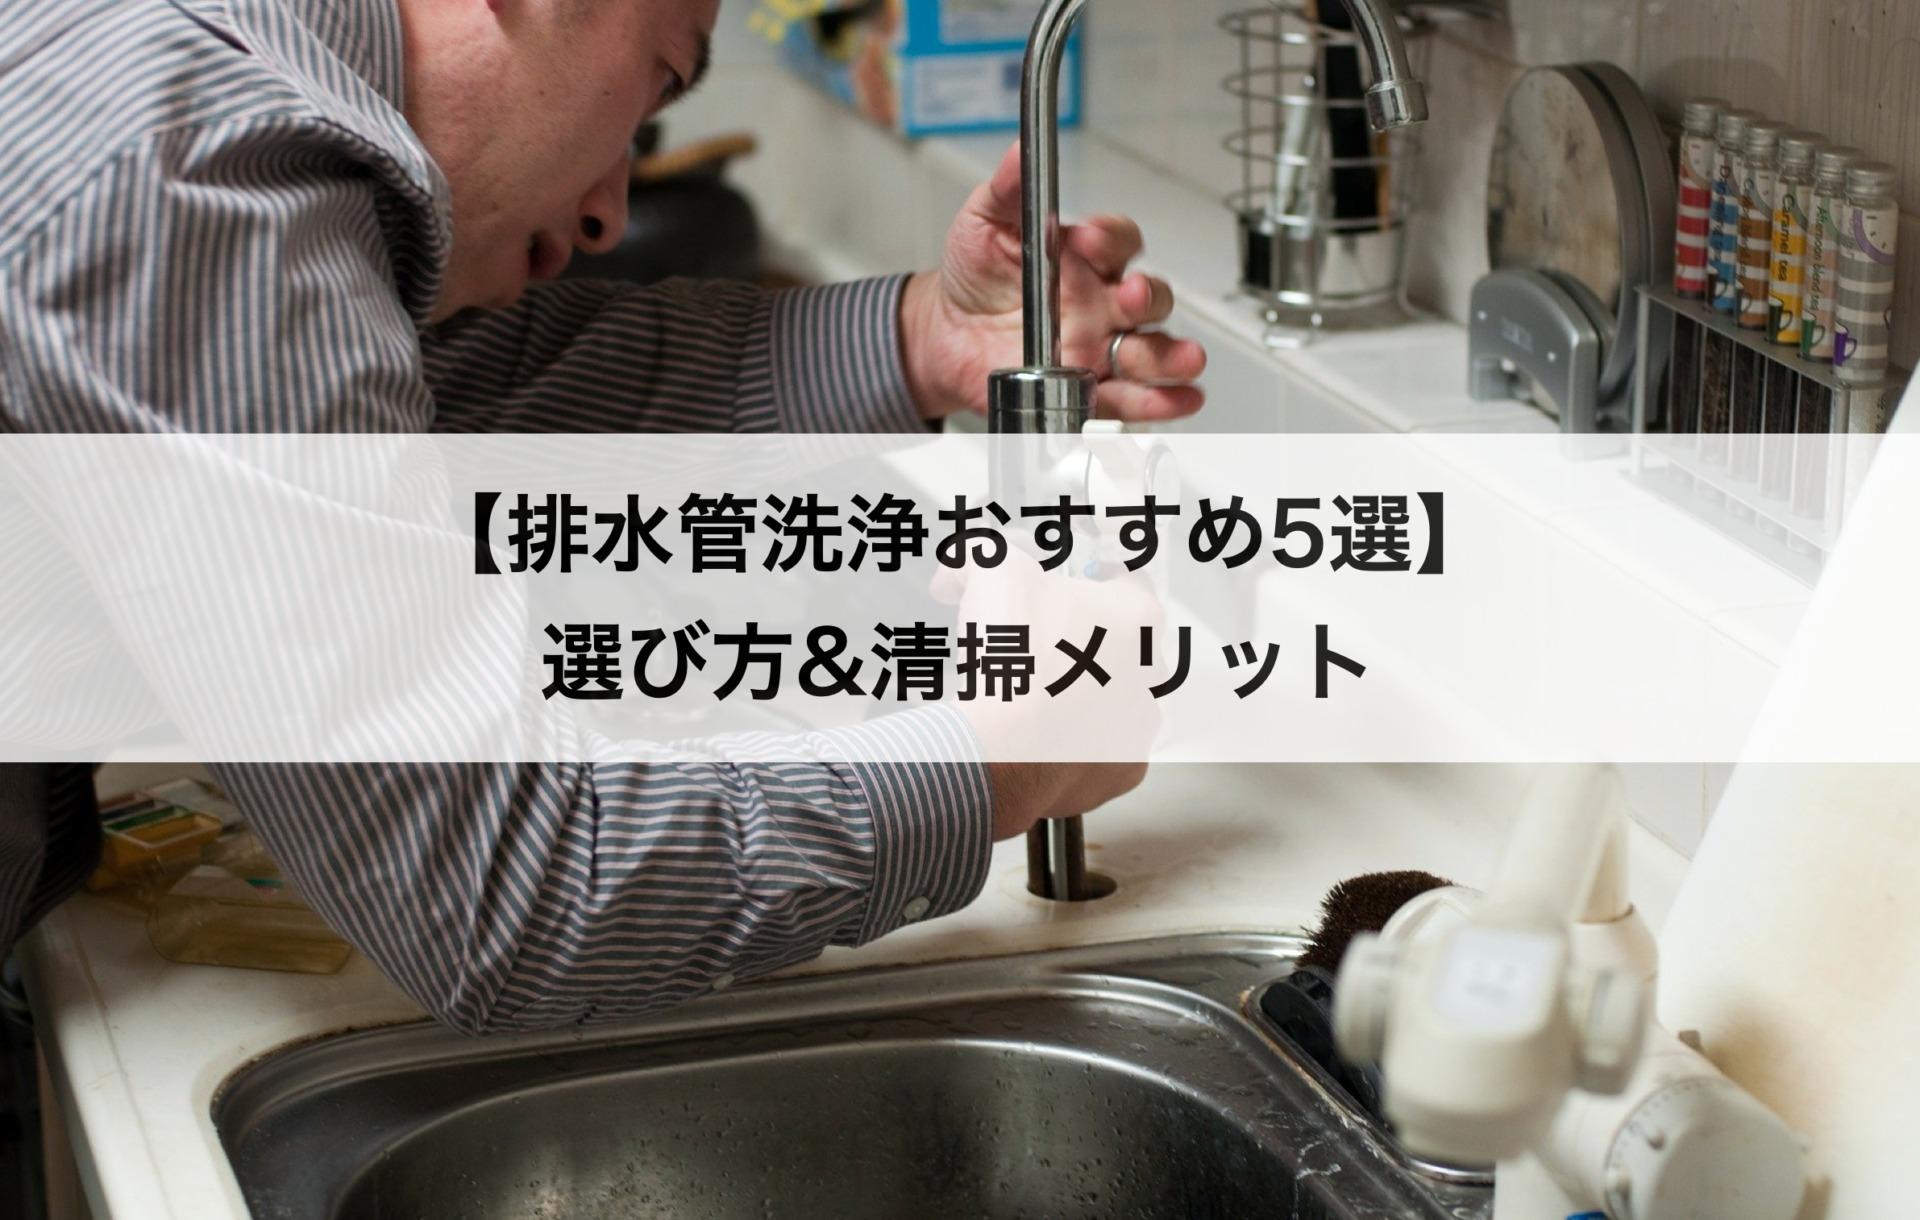 排水管洗浄をするメリットとは?おすすめの洗浄業者5選!